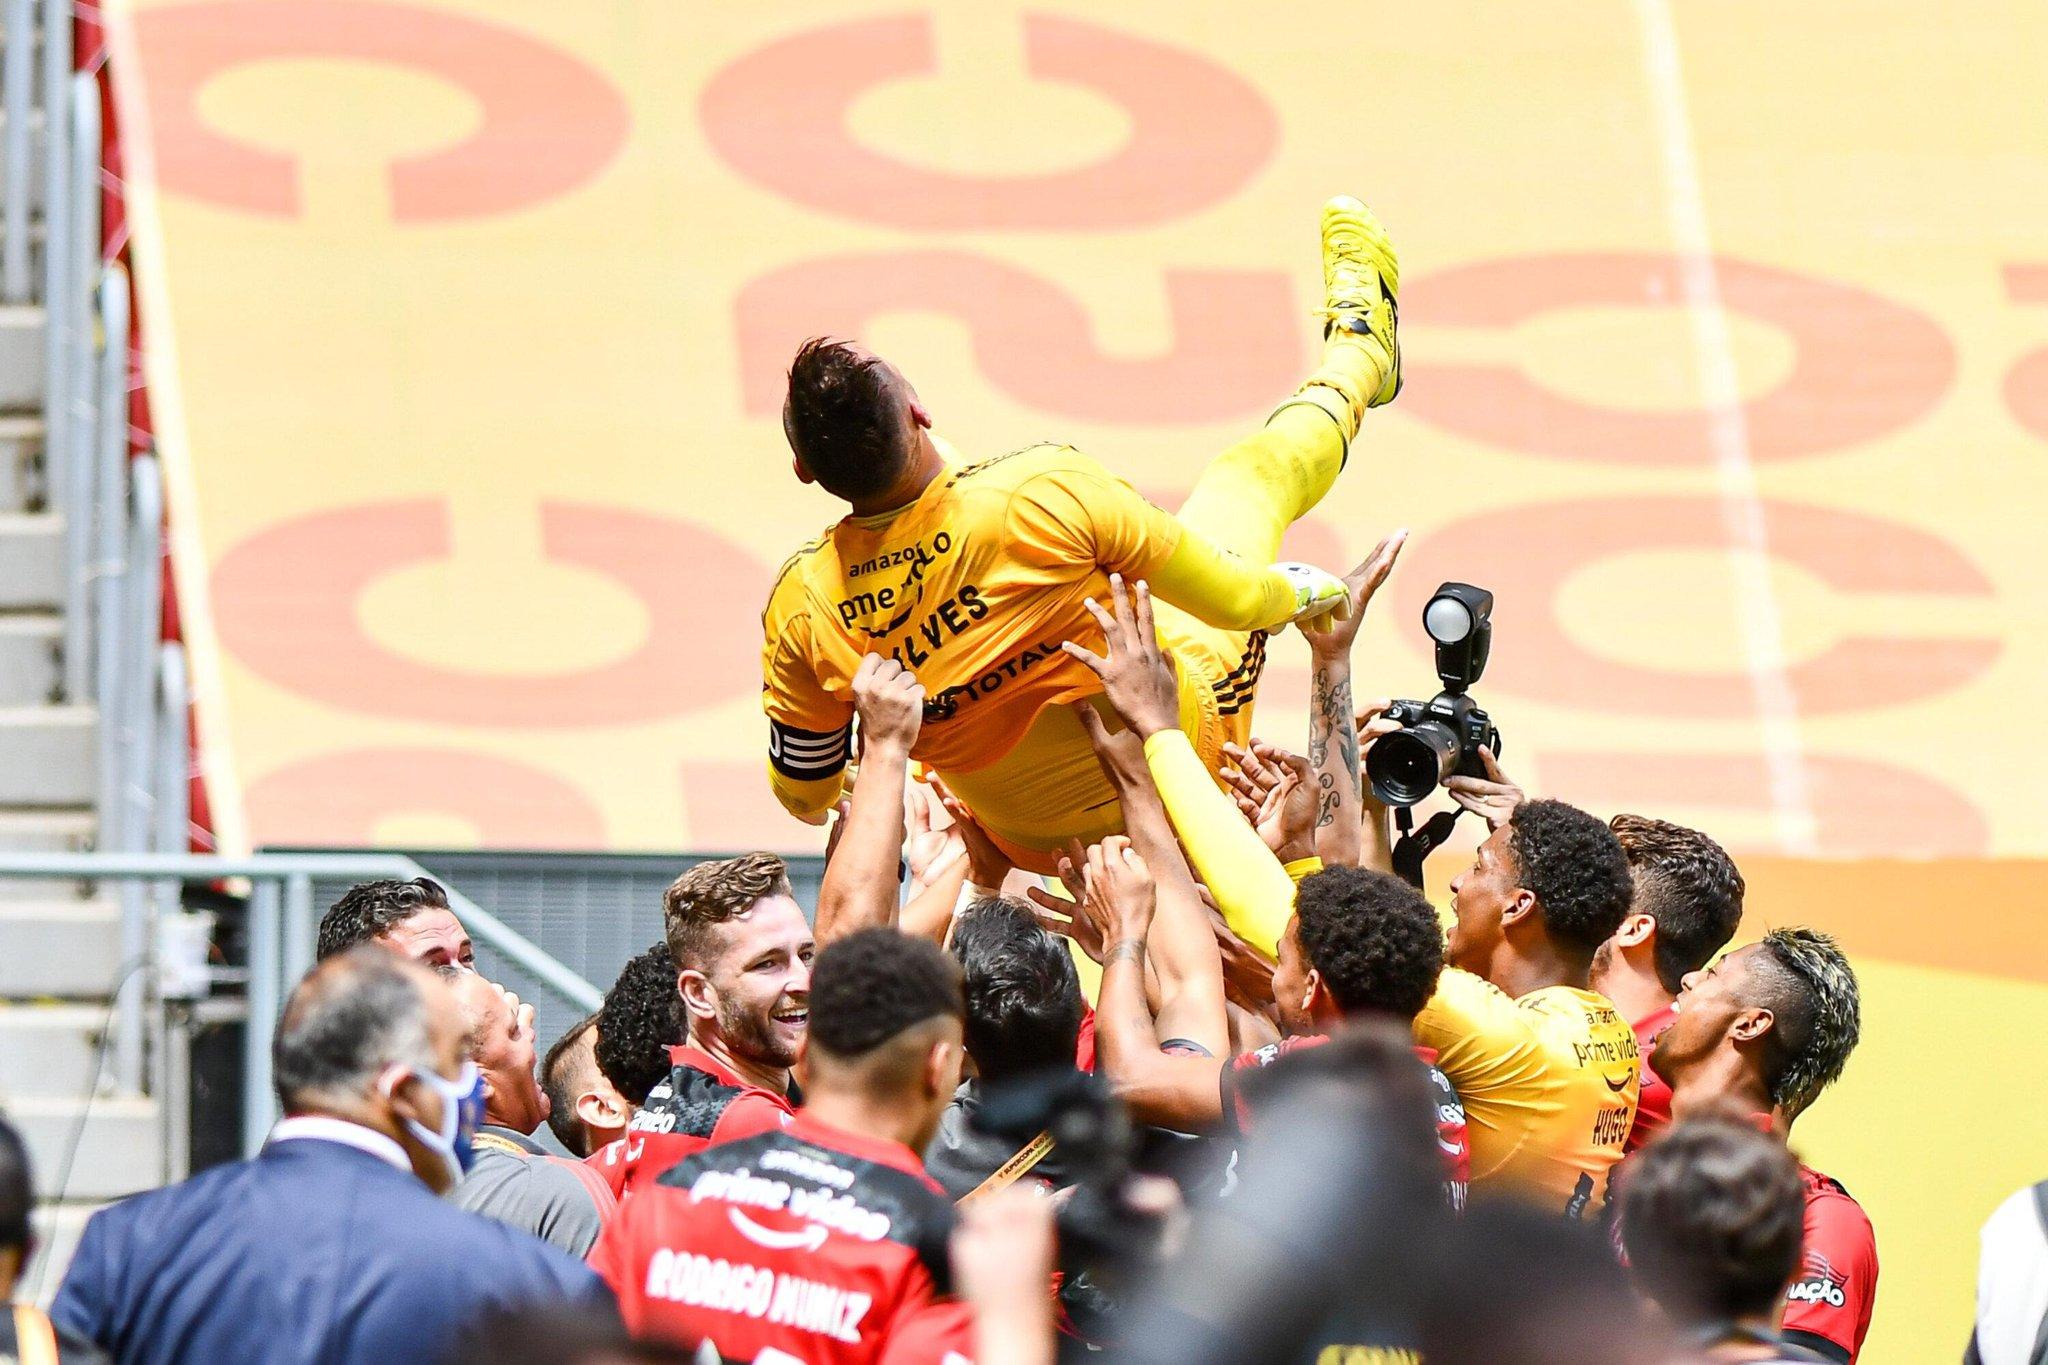 Diego Alves (ultra) decisivo nas grandes penalidades para o Flamengo ganhar a Supertaça Brasil! (VIDEO)